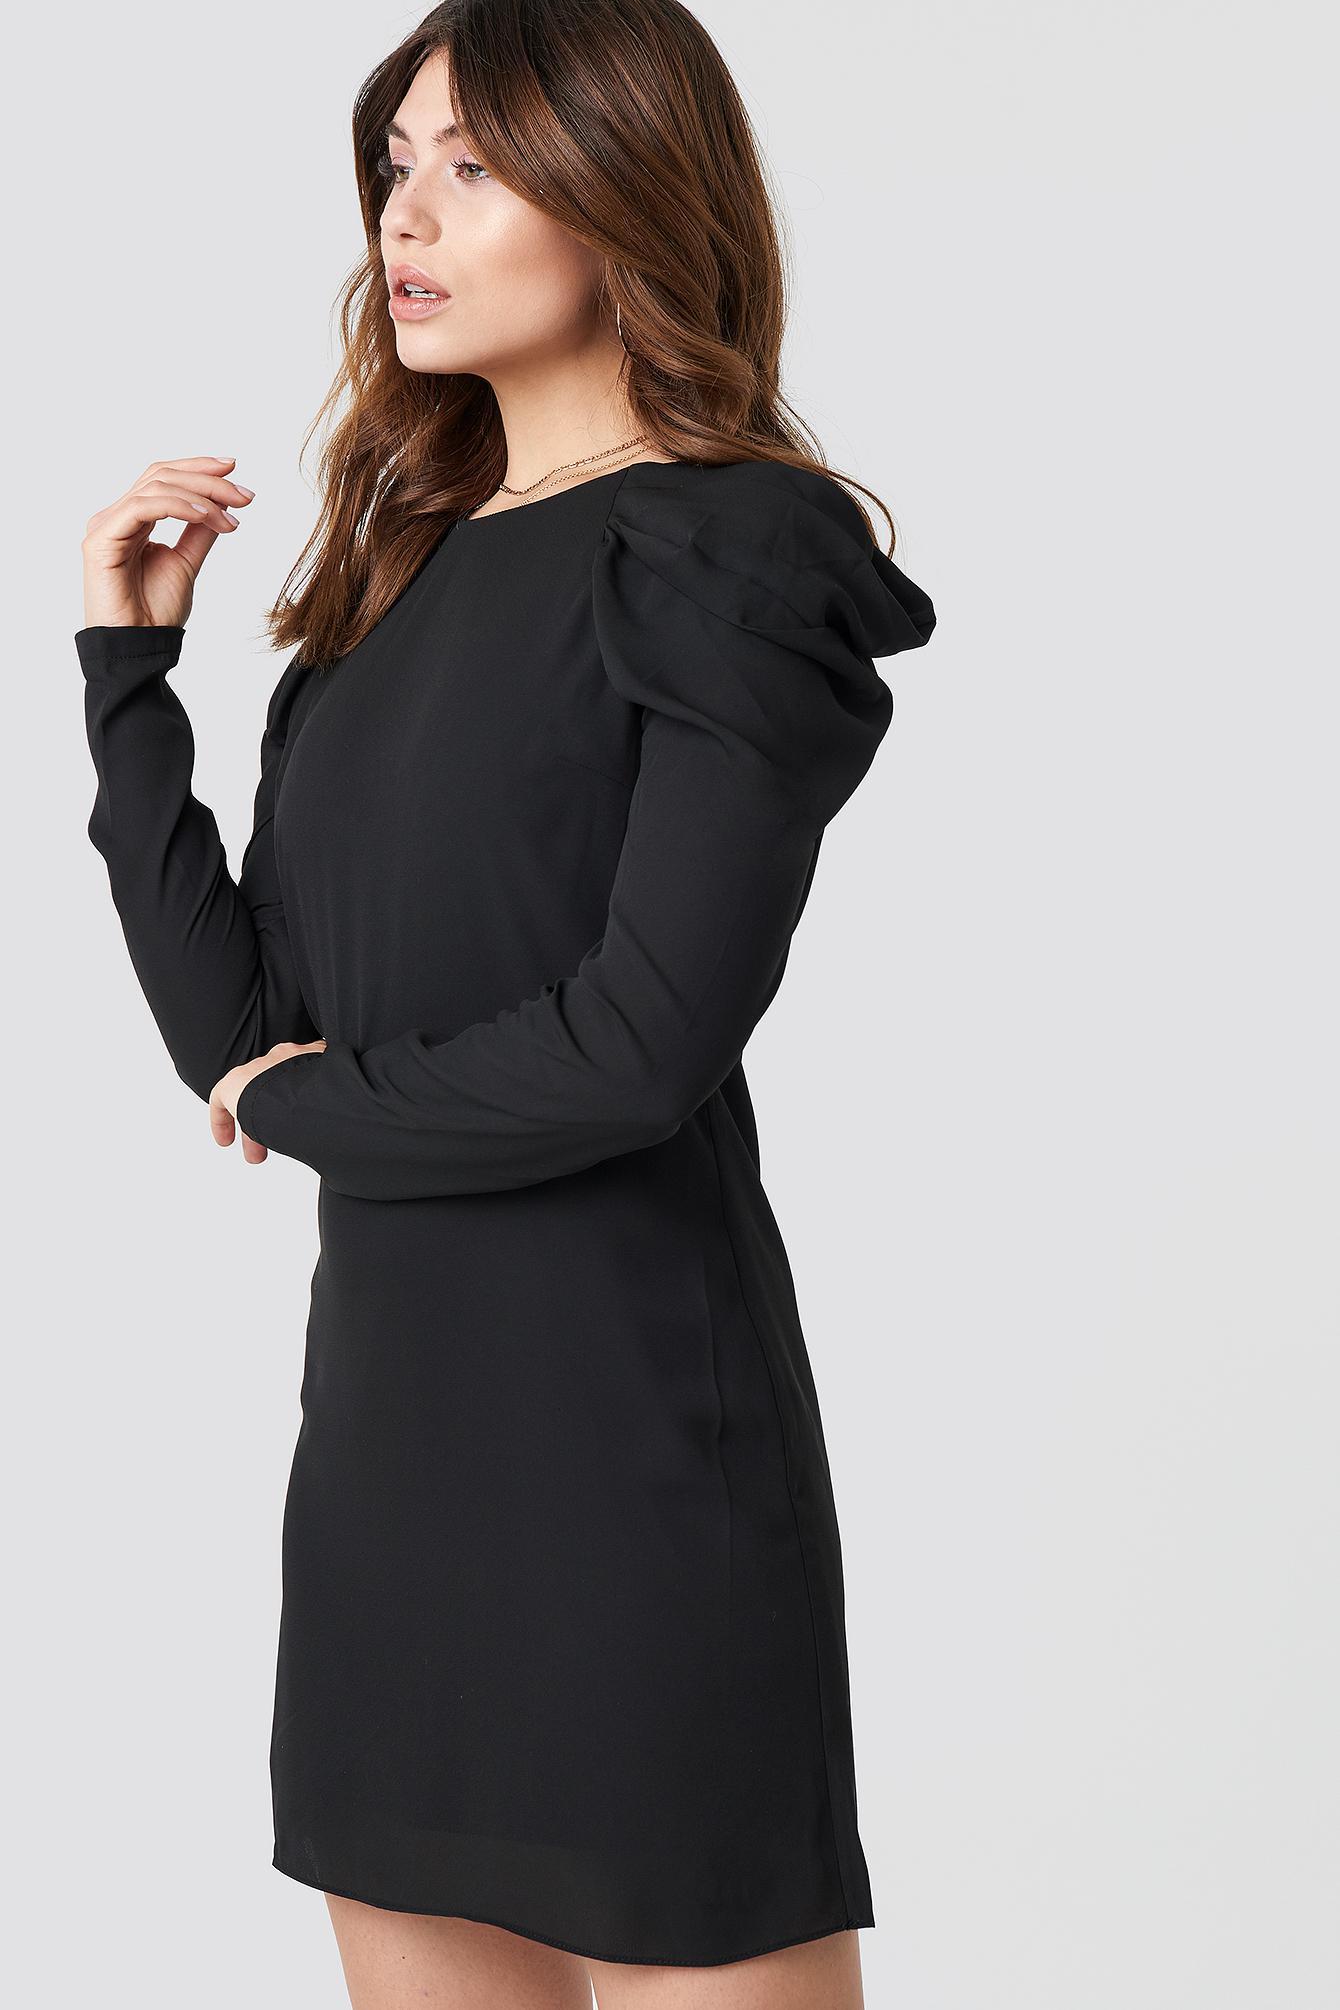 ffb9b36b6c2 Lyst - Trendyol Ruffle Sleeve Mini Dress Black in Black